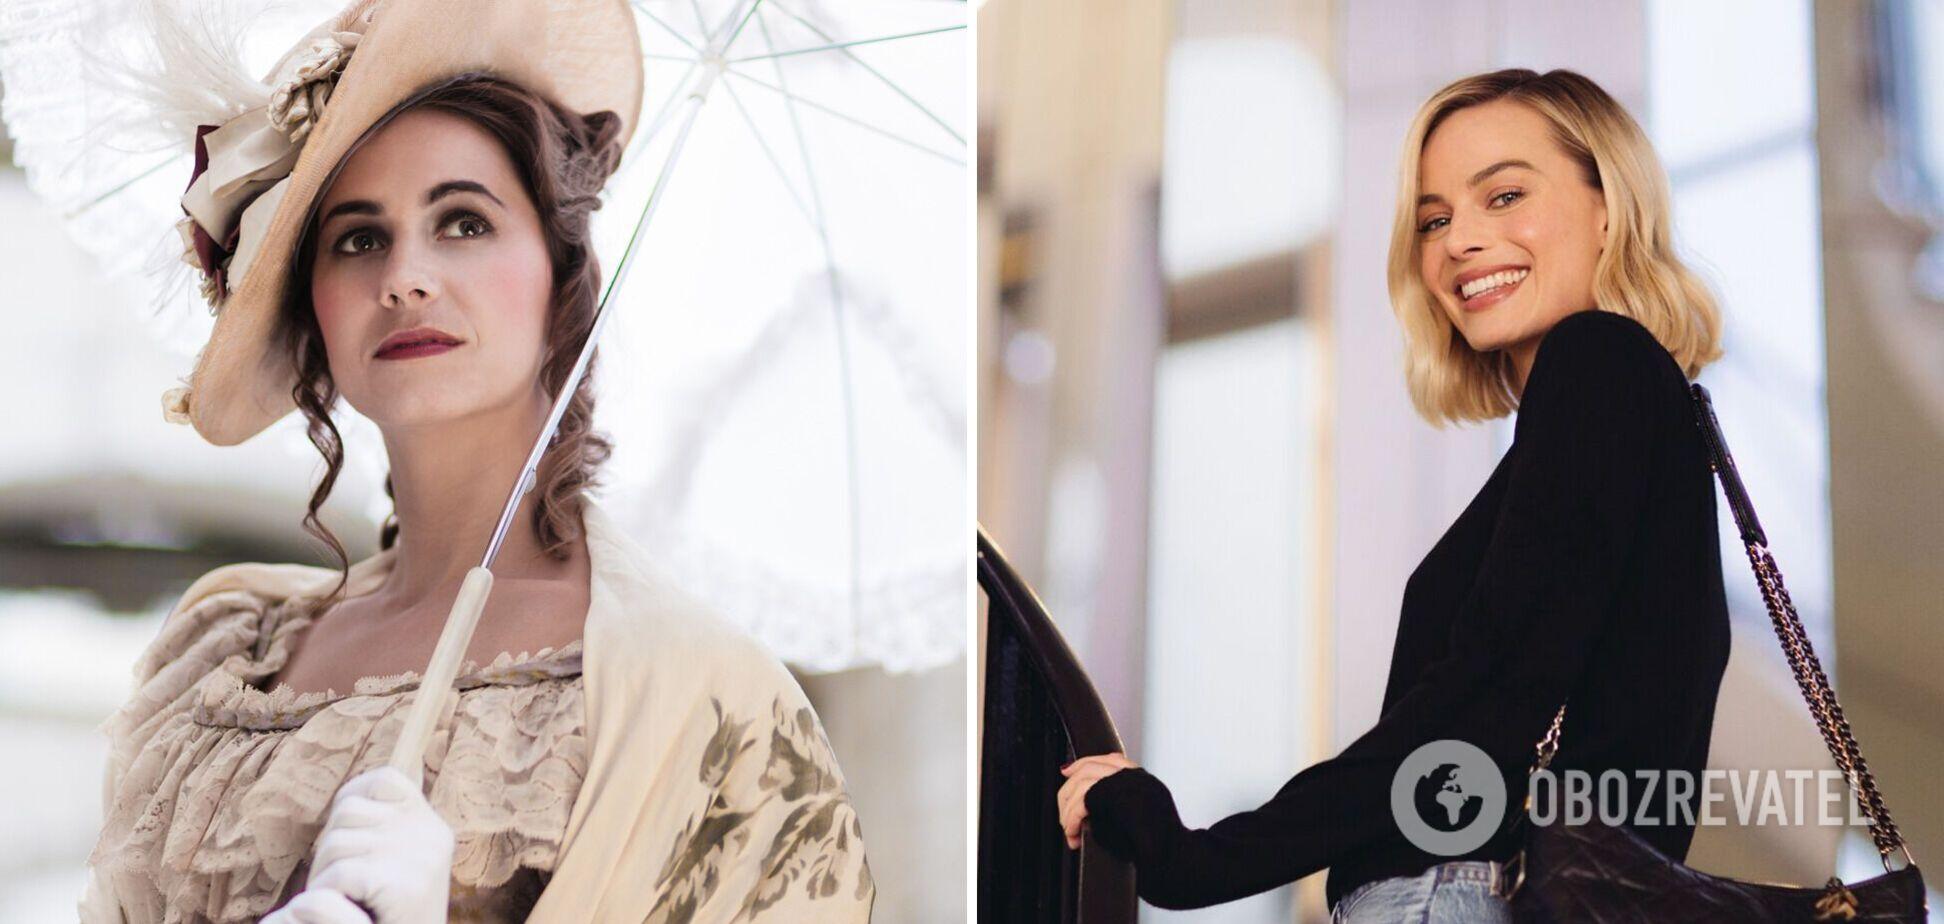 Як змінювався еталон жіночої краси протягом століття. Фото